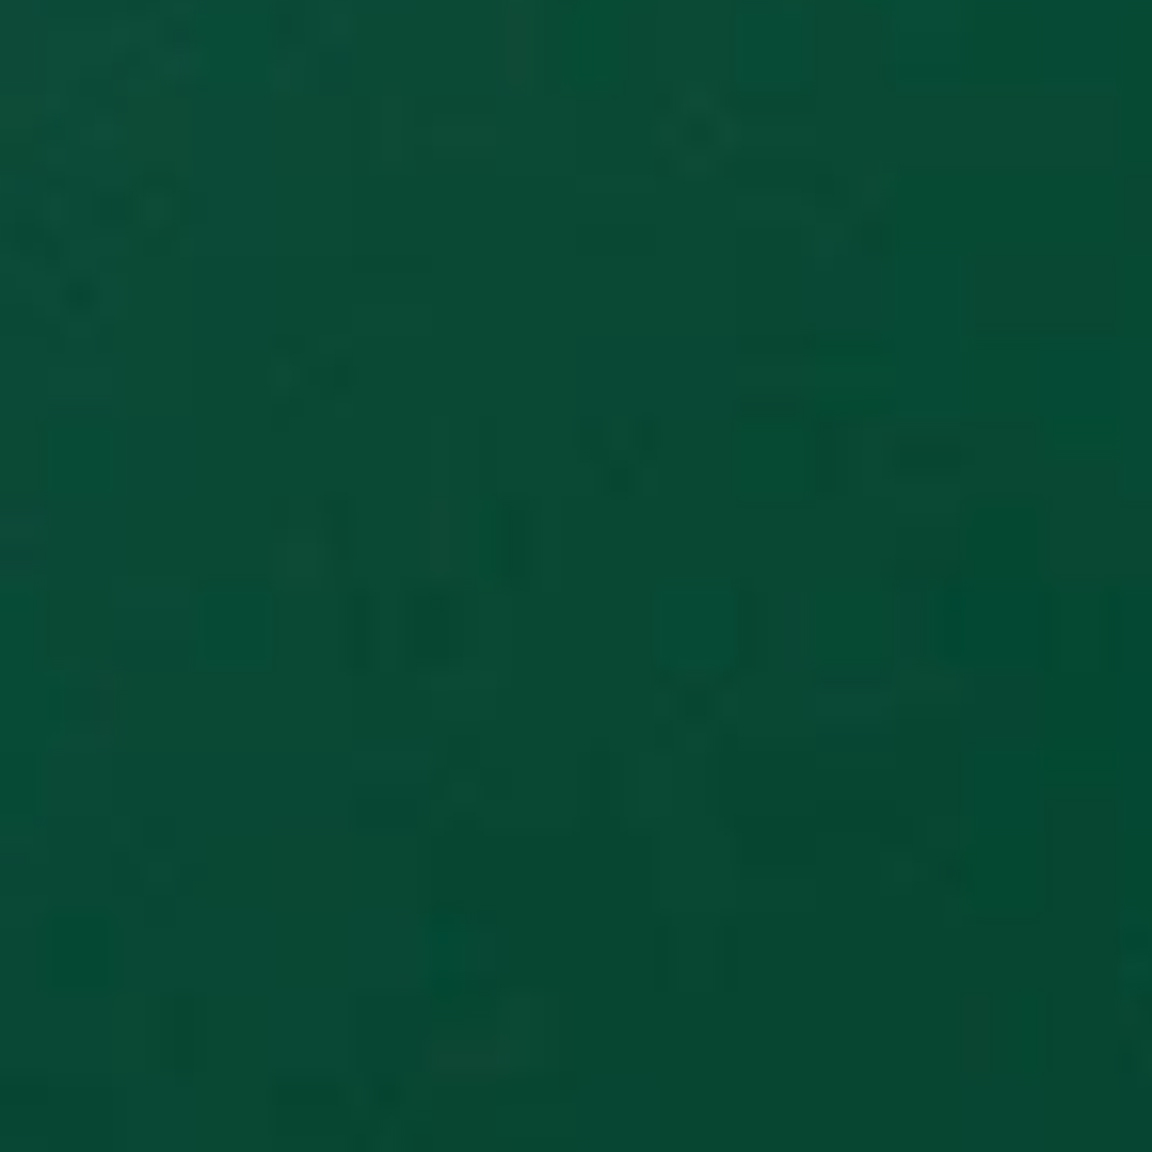 Yeşil Emaye - Düz Yüzey